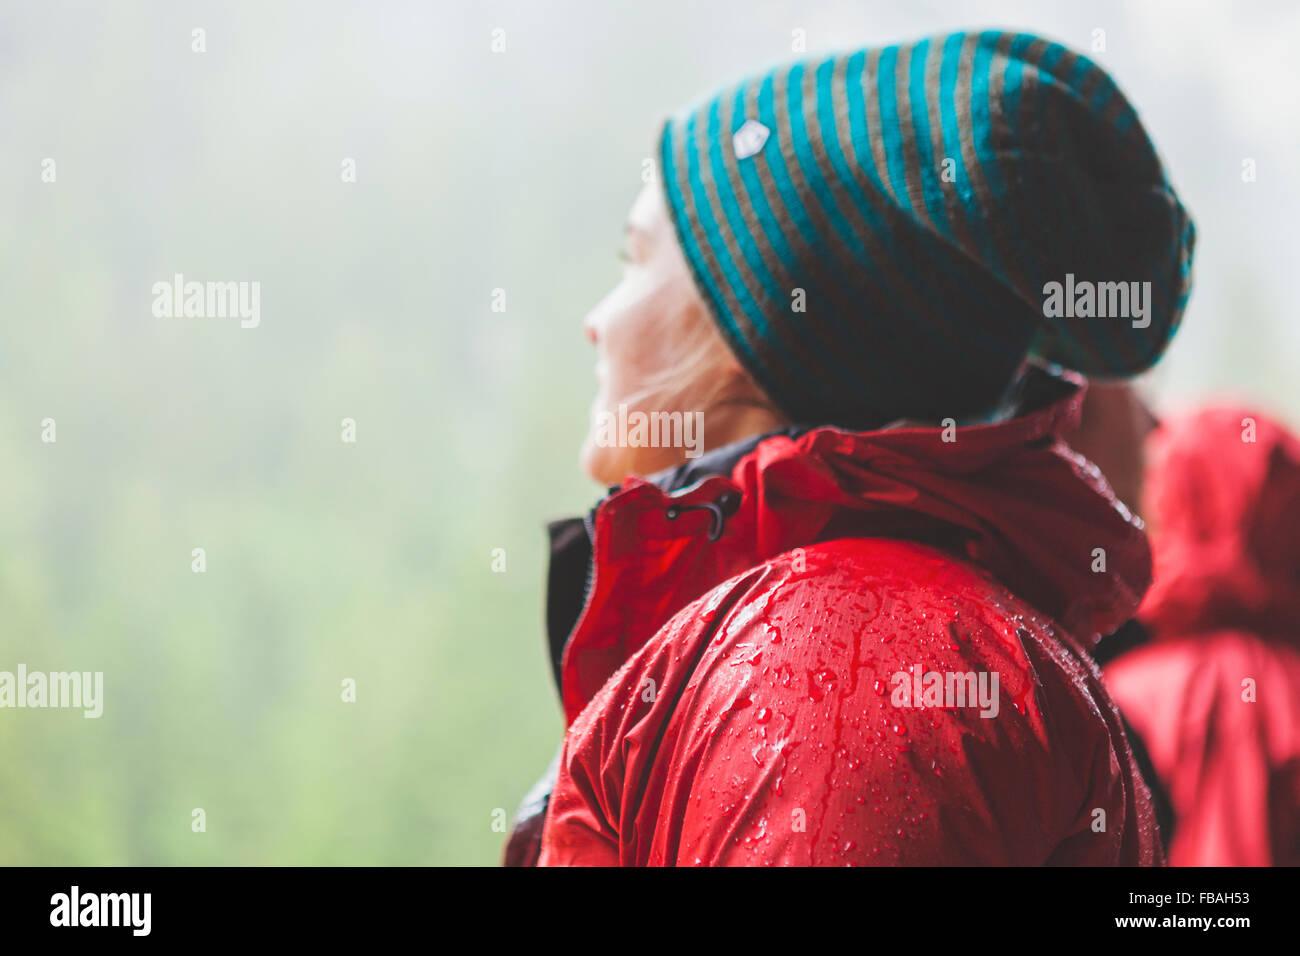 Schweiz, Ausserferrera, junge Frau trägt warme rote Jacke und Wollmütze Stockbild